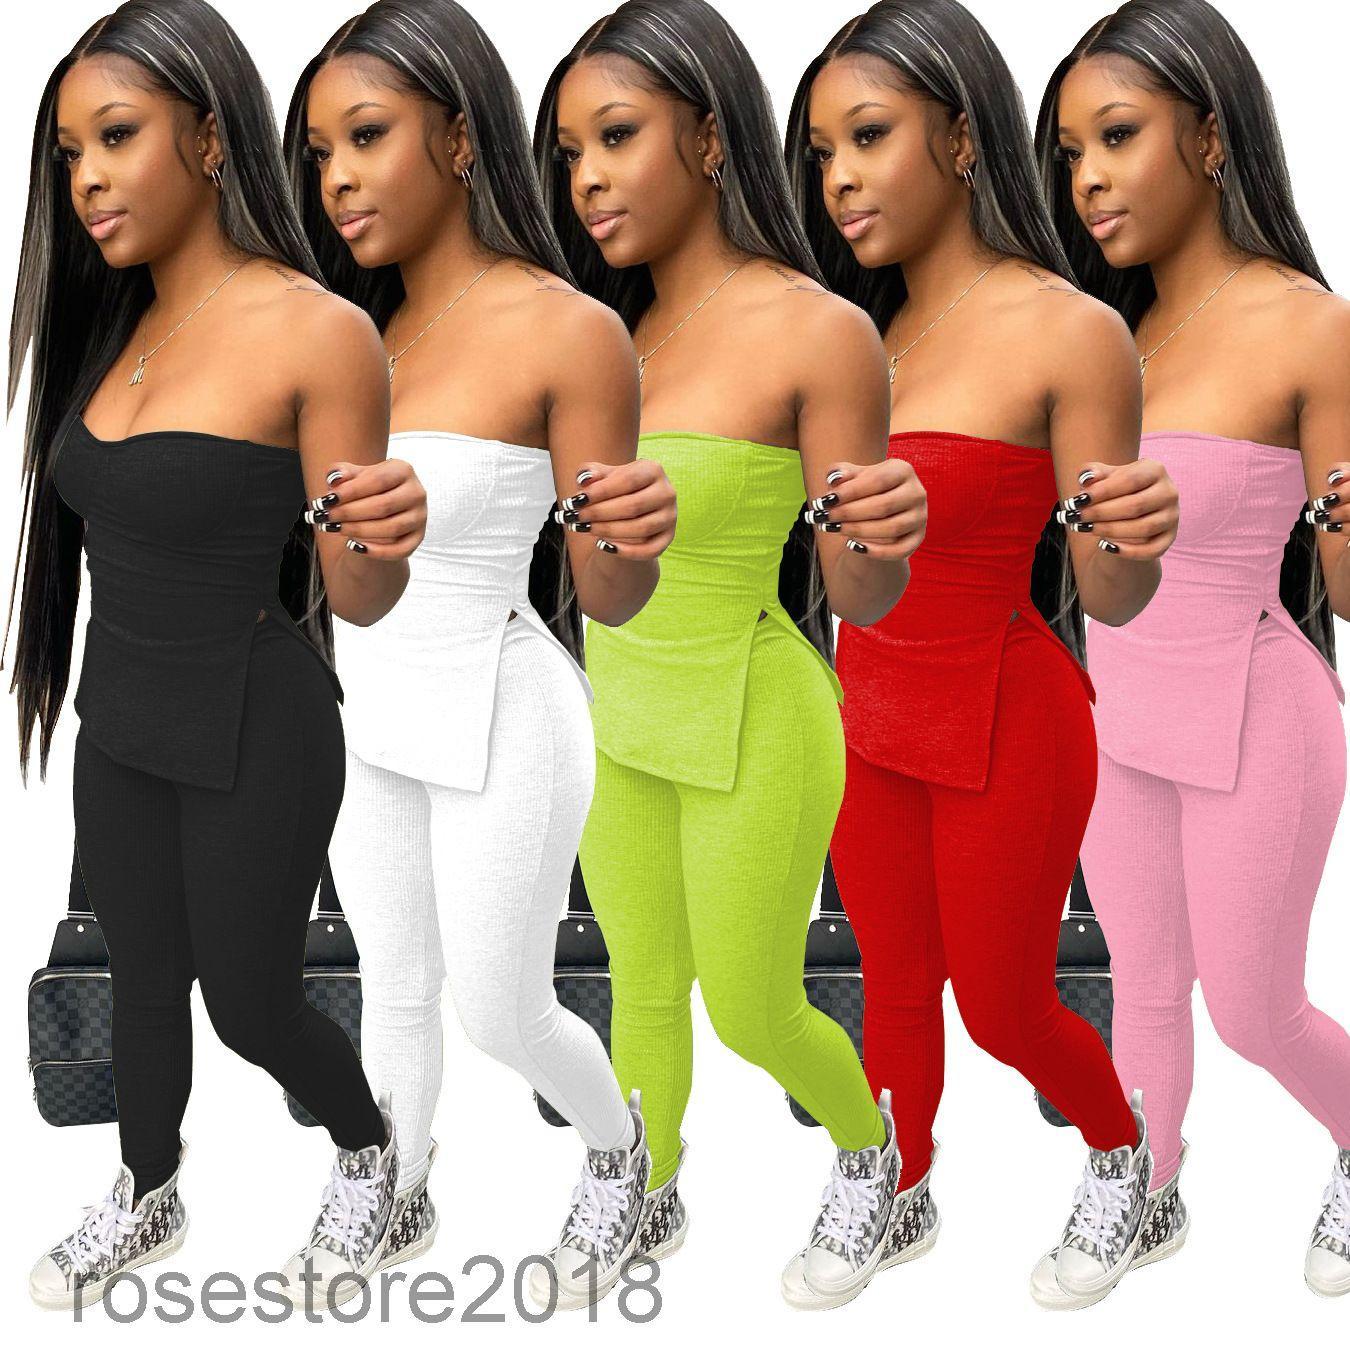 Nuevo Pantalones envueltos en pecho para mujer Traje casual Color Sólido Pit Strip Elástico Apretado Pastel Pantalones Pantalones de dos piezas Conjuntos de venta caliente